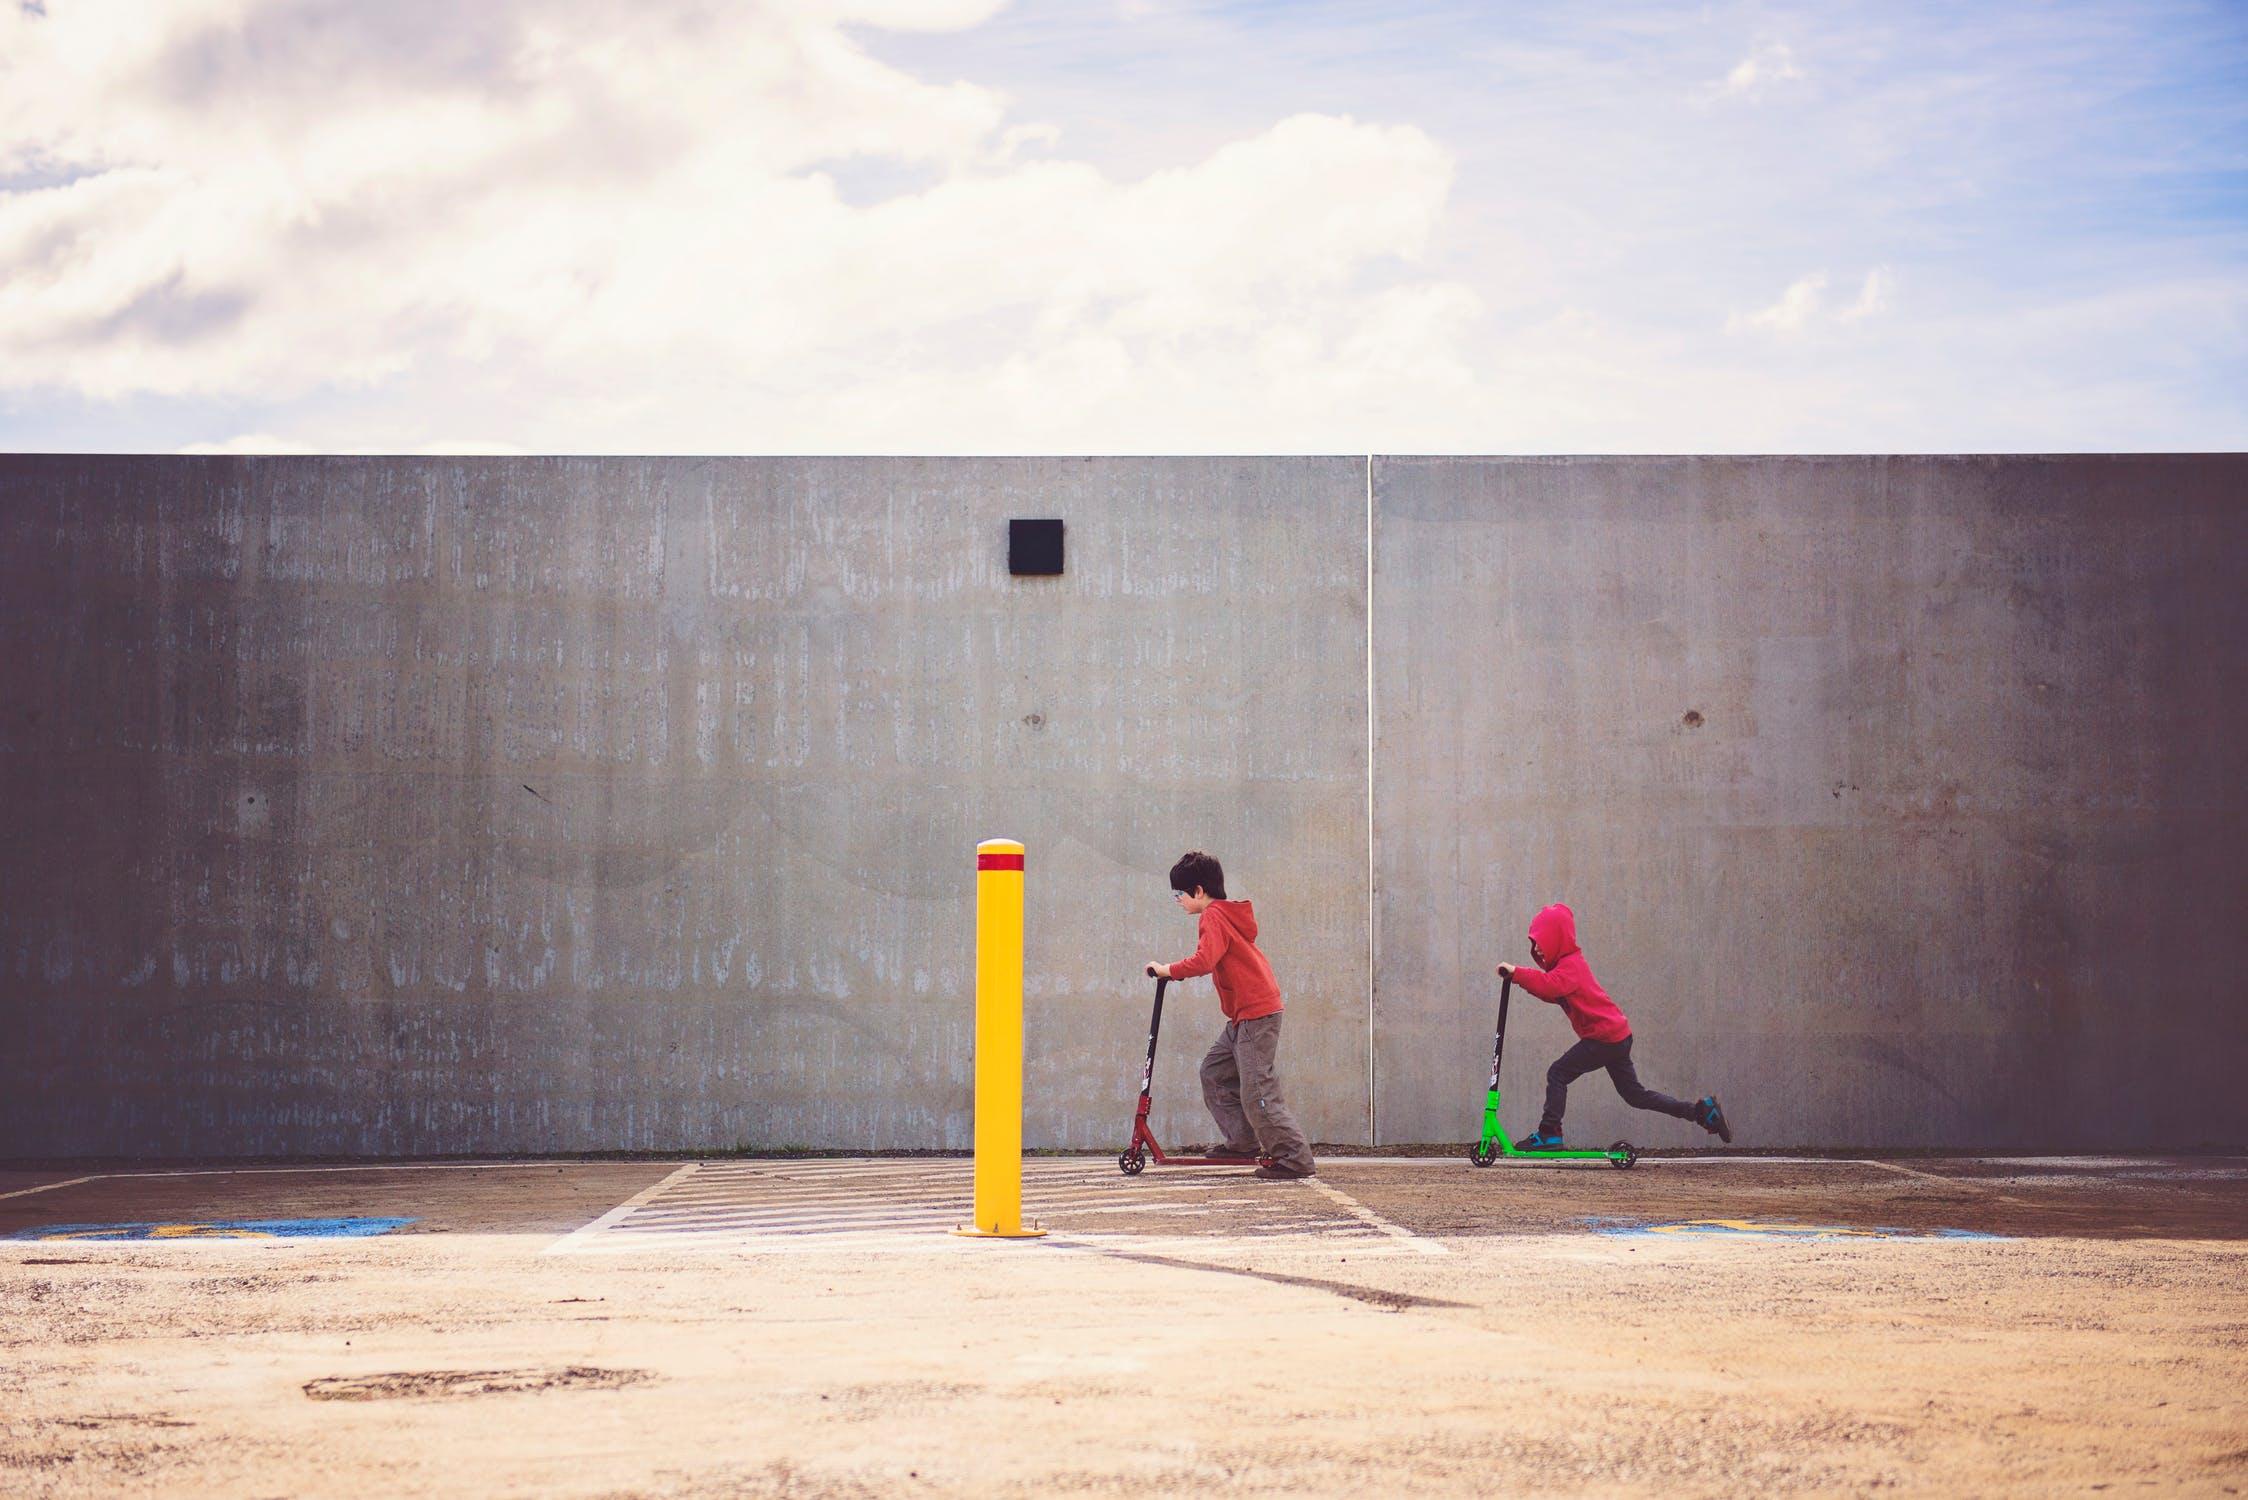 Children playing, taken from  Pexels